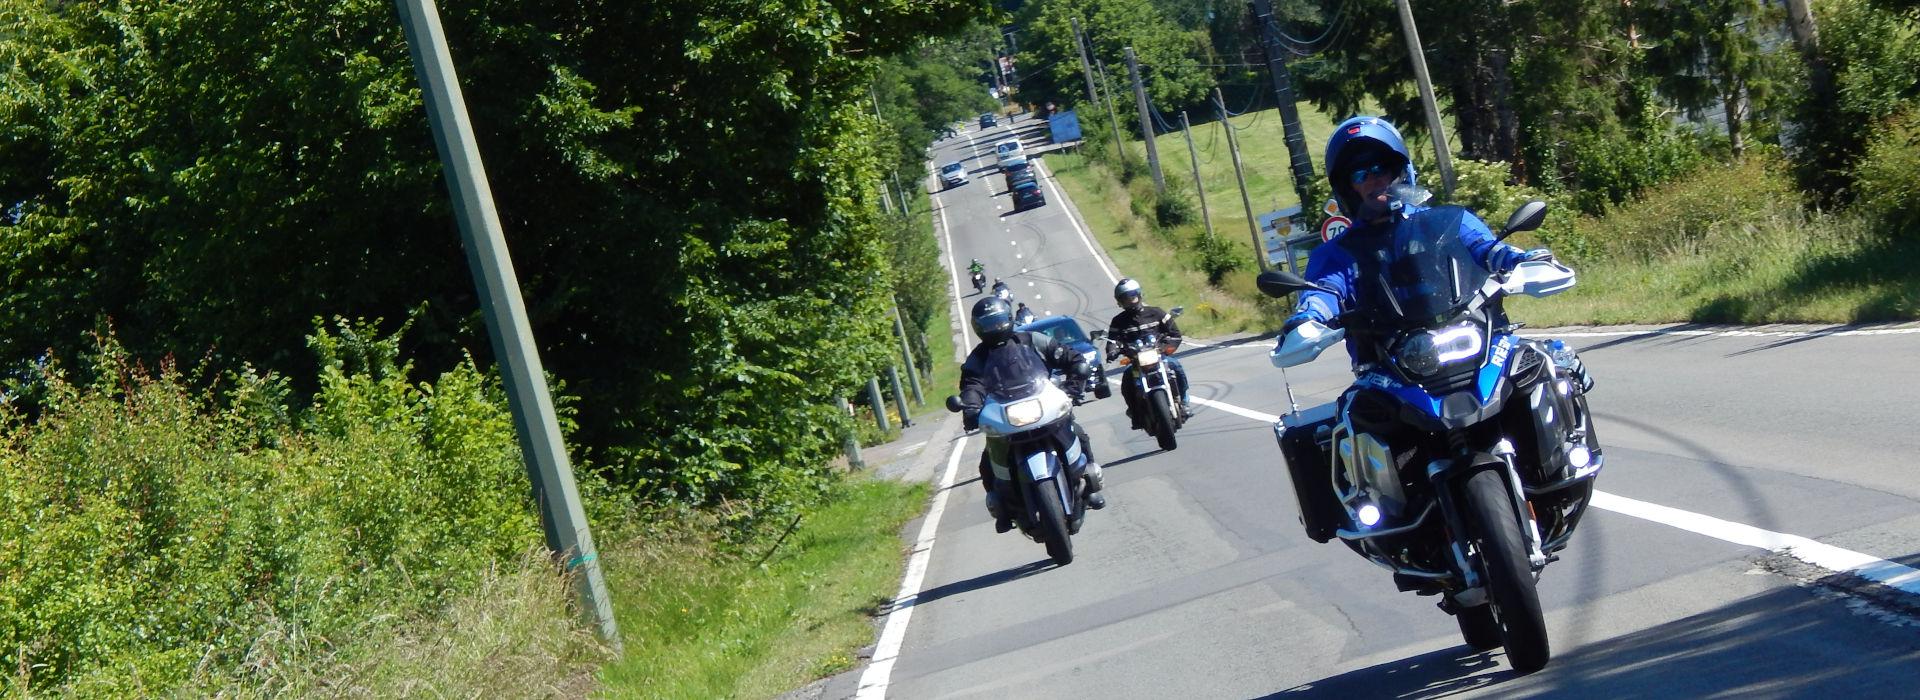 Motorrijbewijspoint Makkum spoed motorrijbewijs